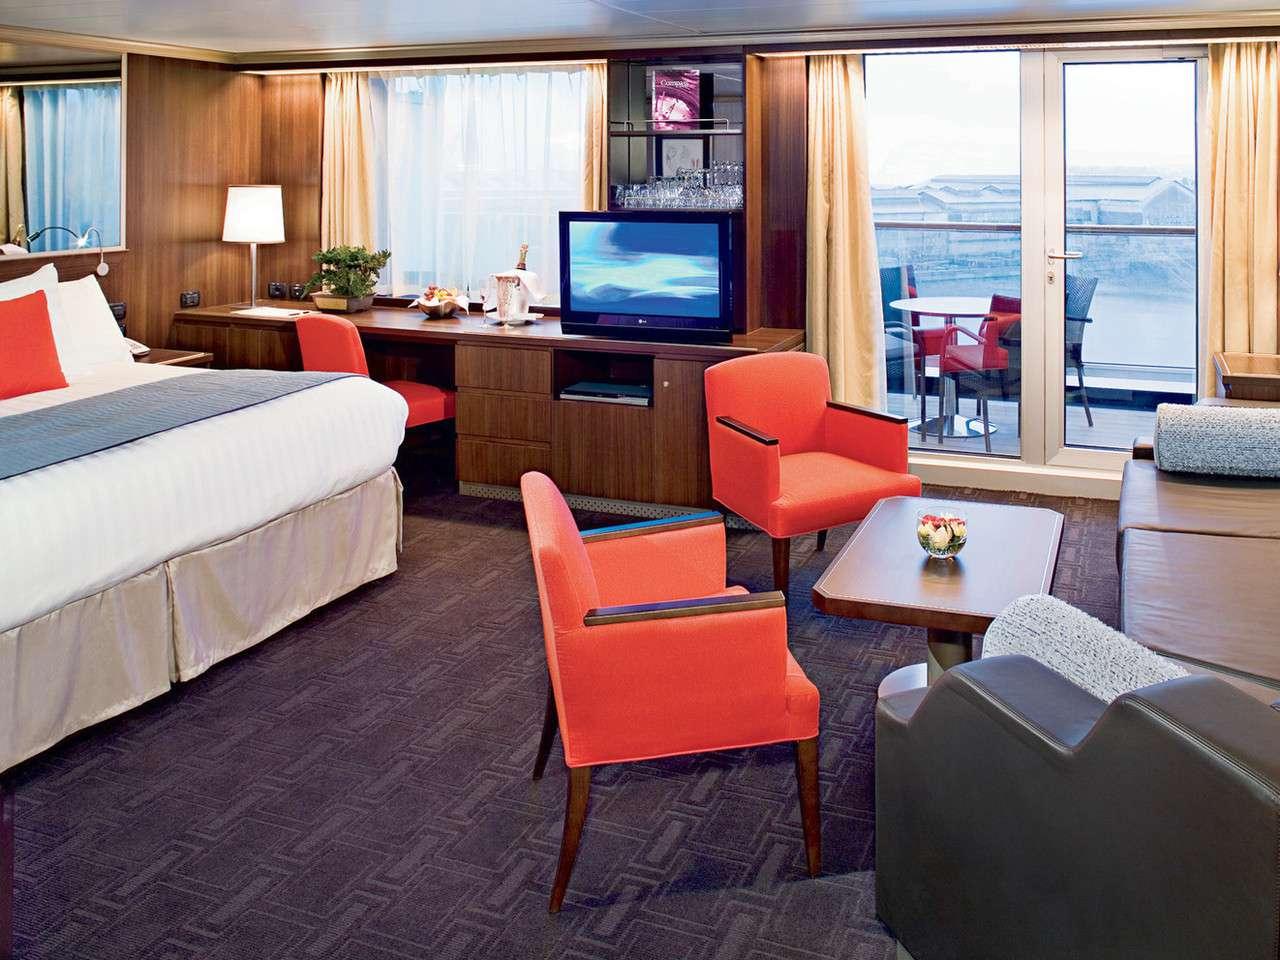 Deluxe Verandah Suite on the Nieuw Amsterdam cruise line